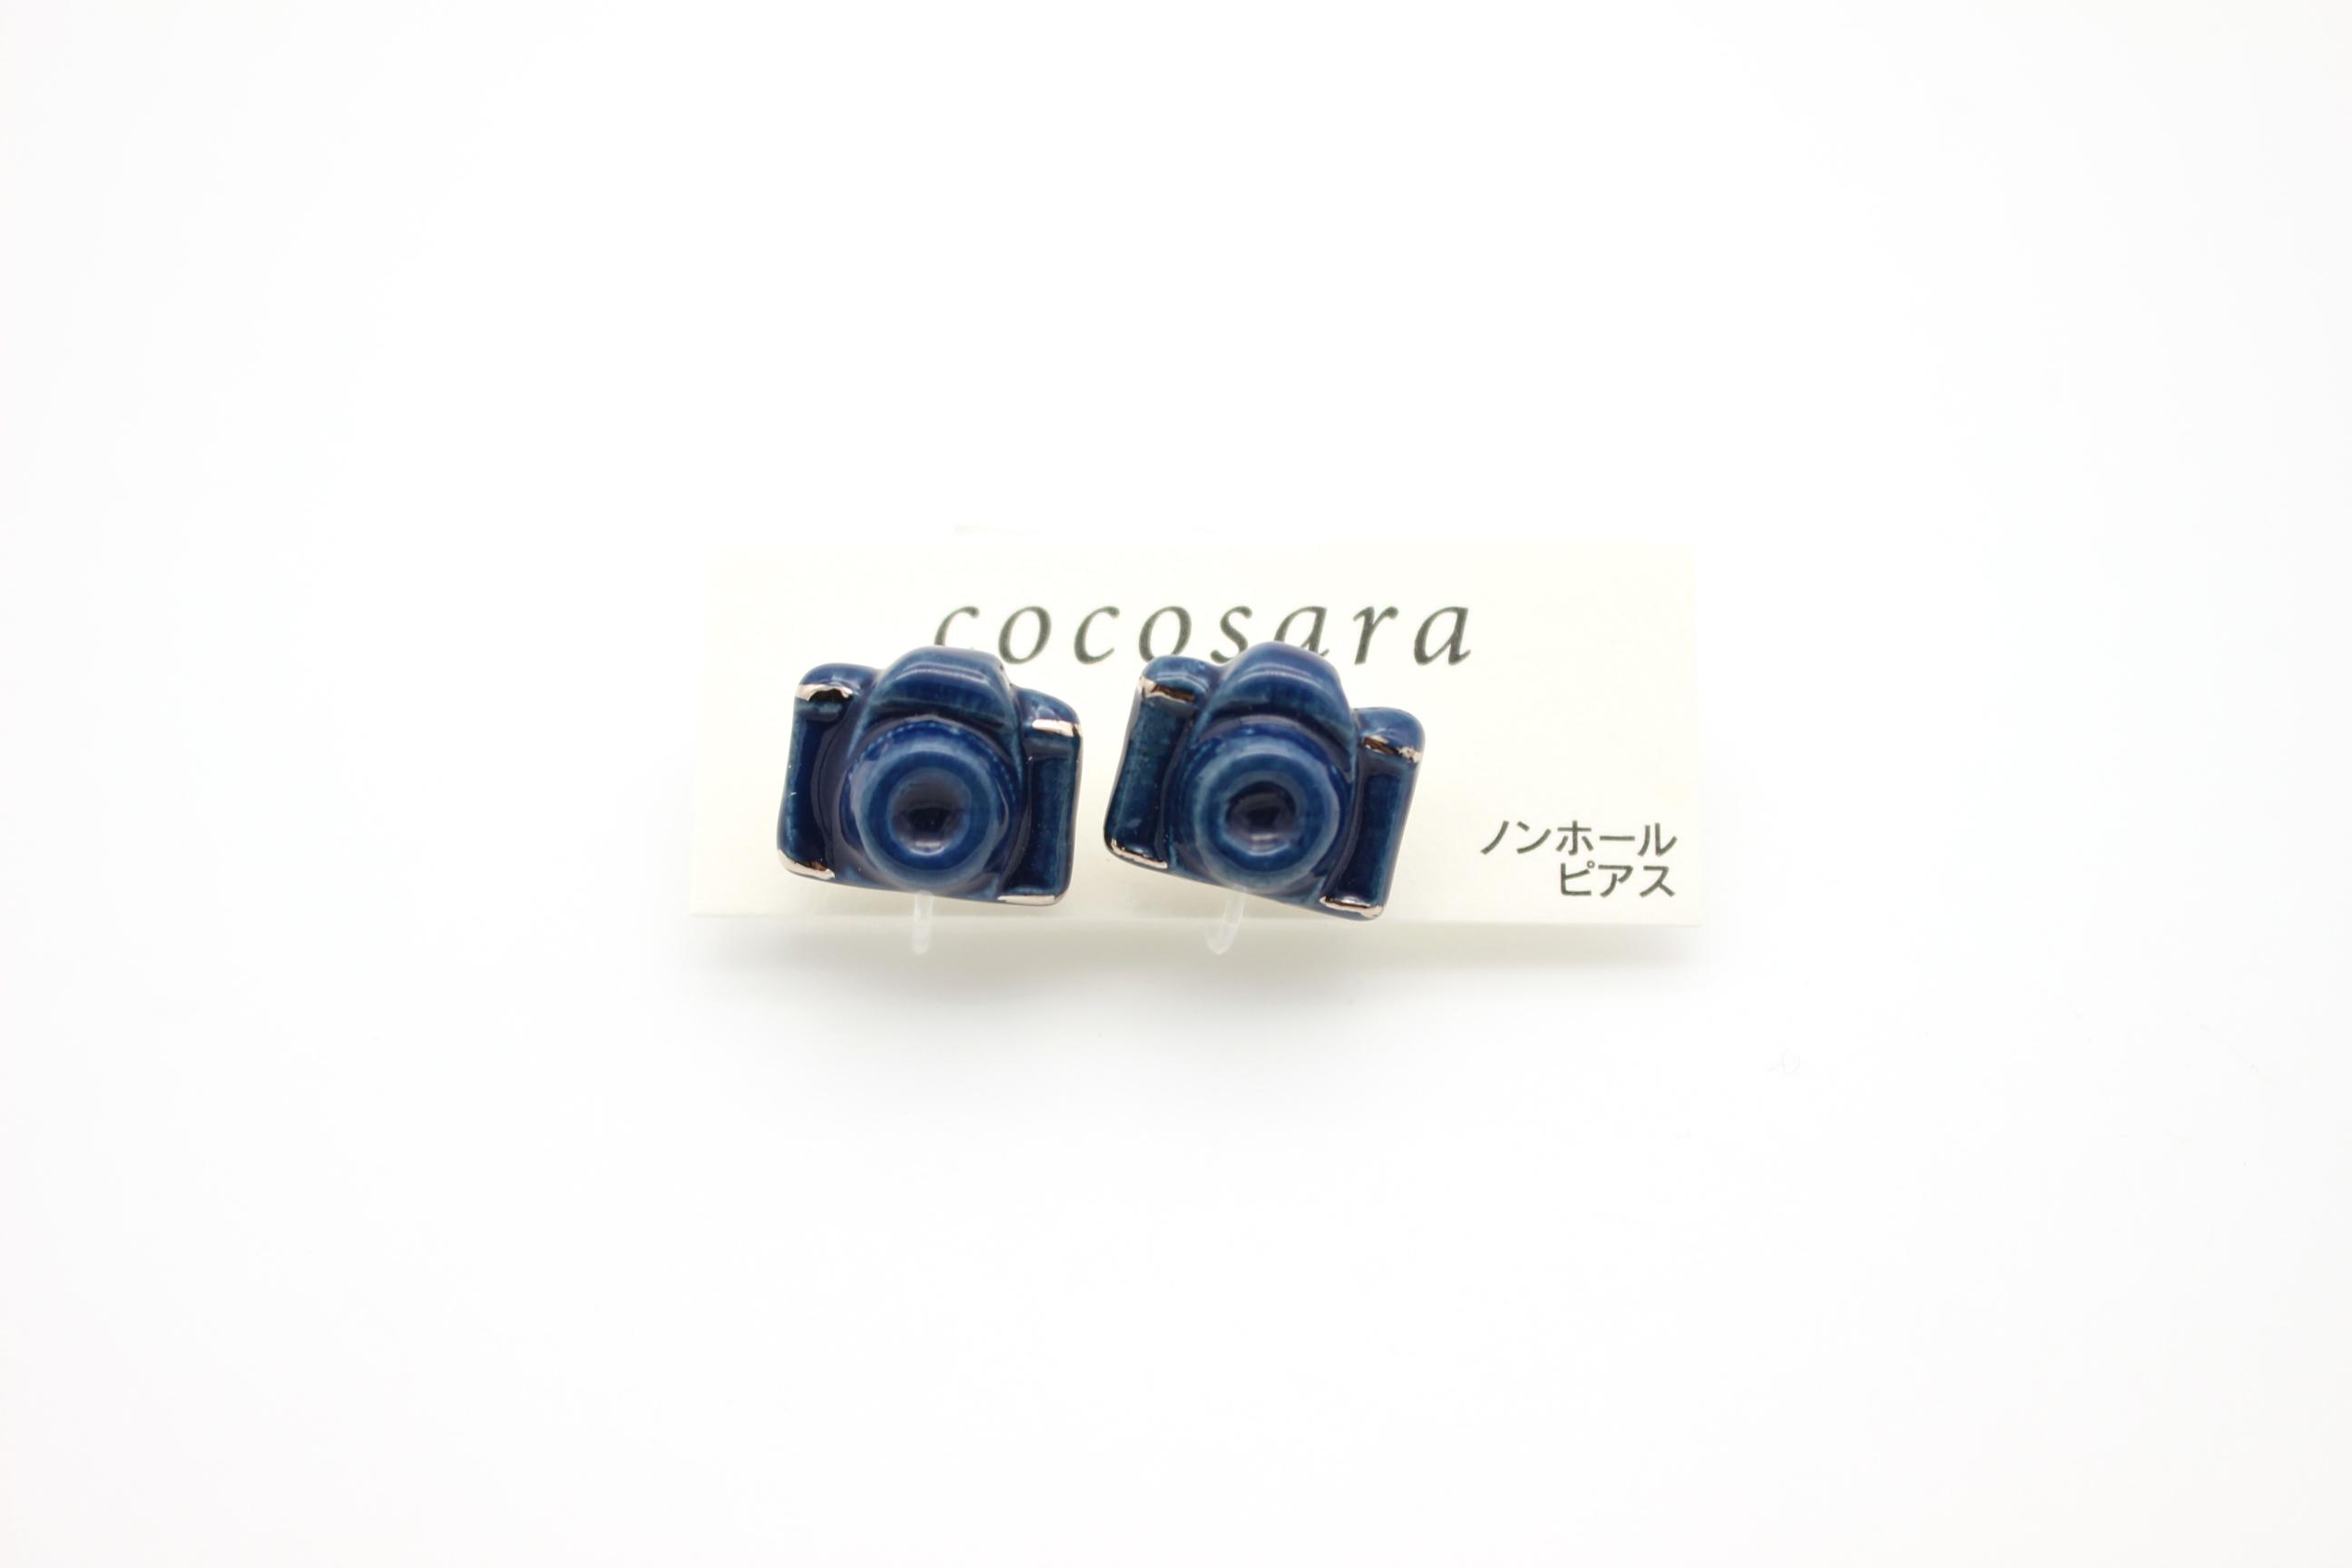 有田焼 ノンホールピアス   カメラ 1